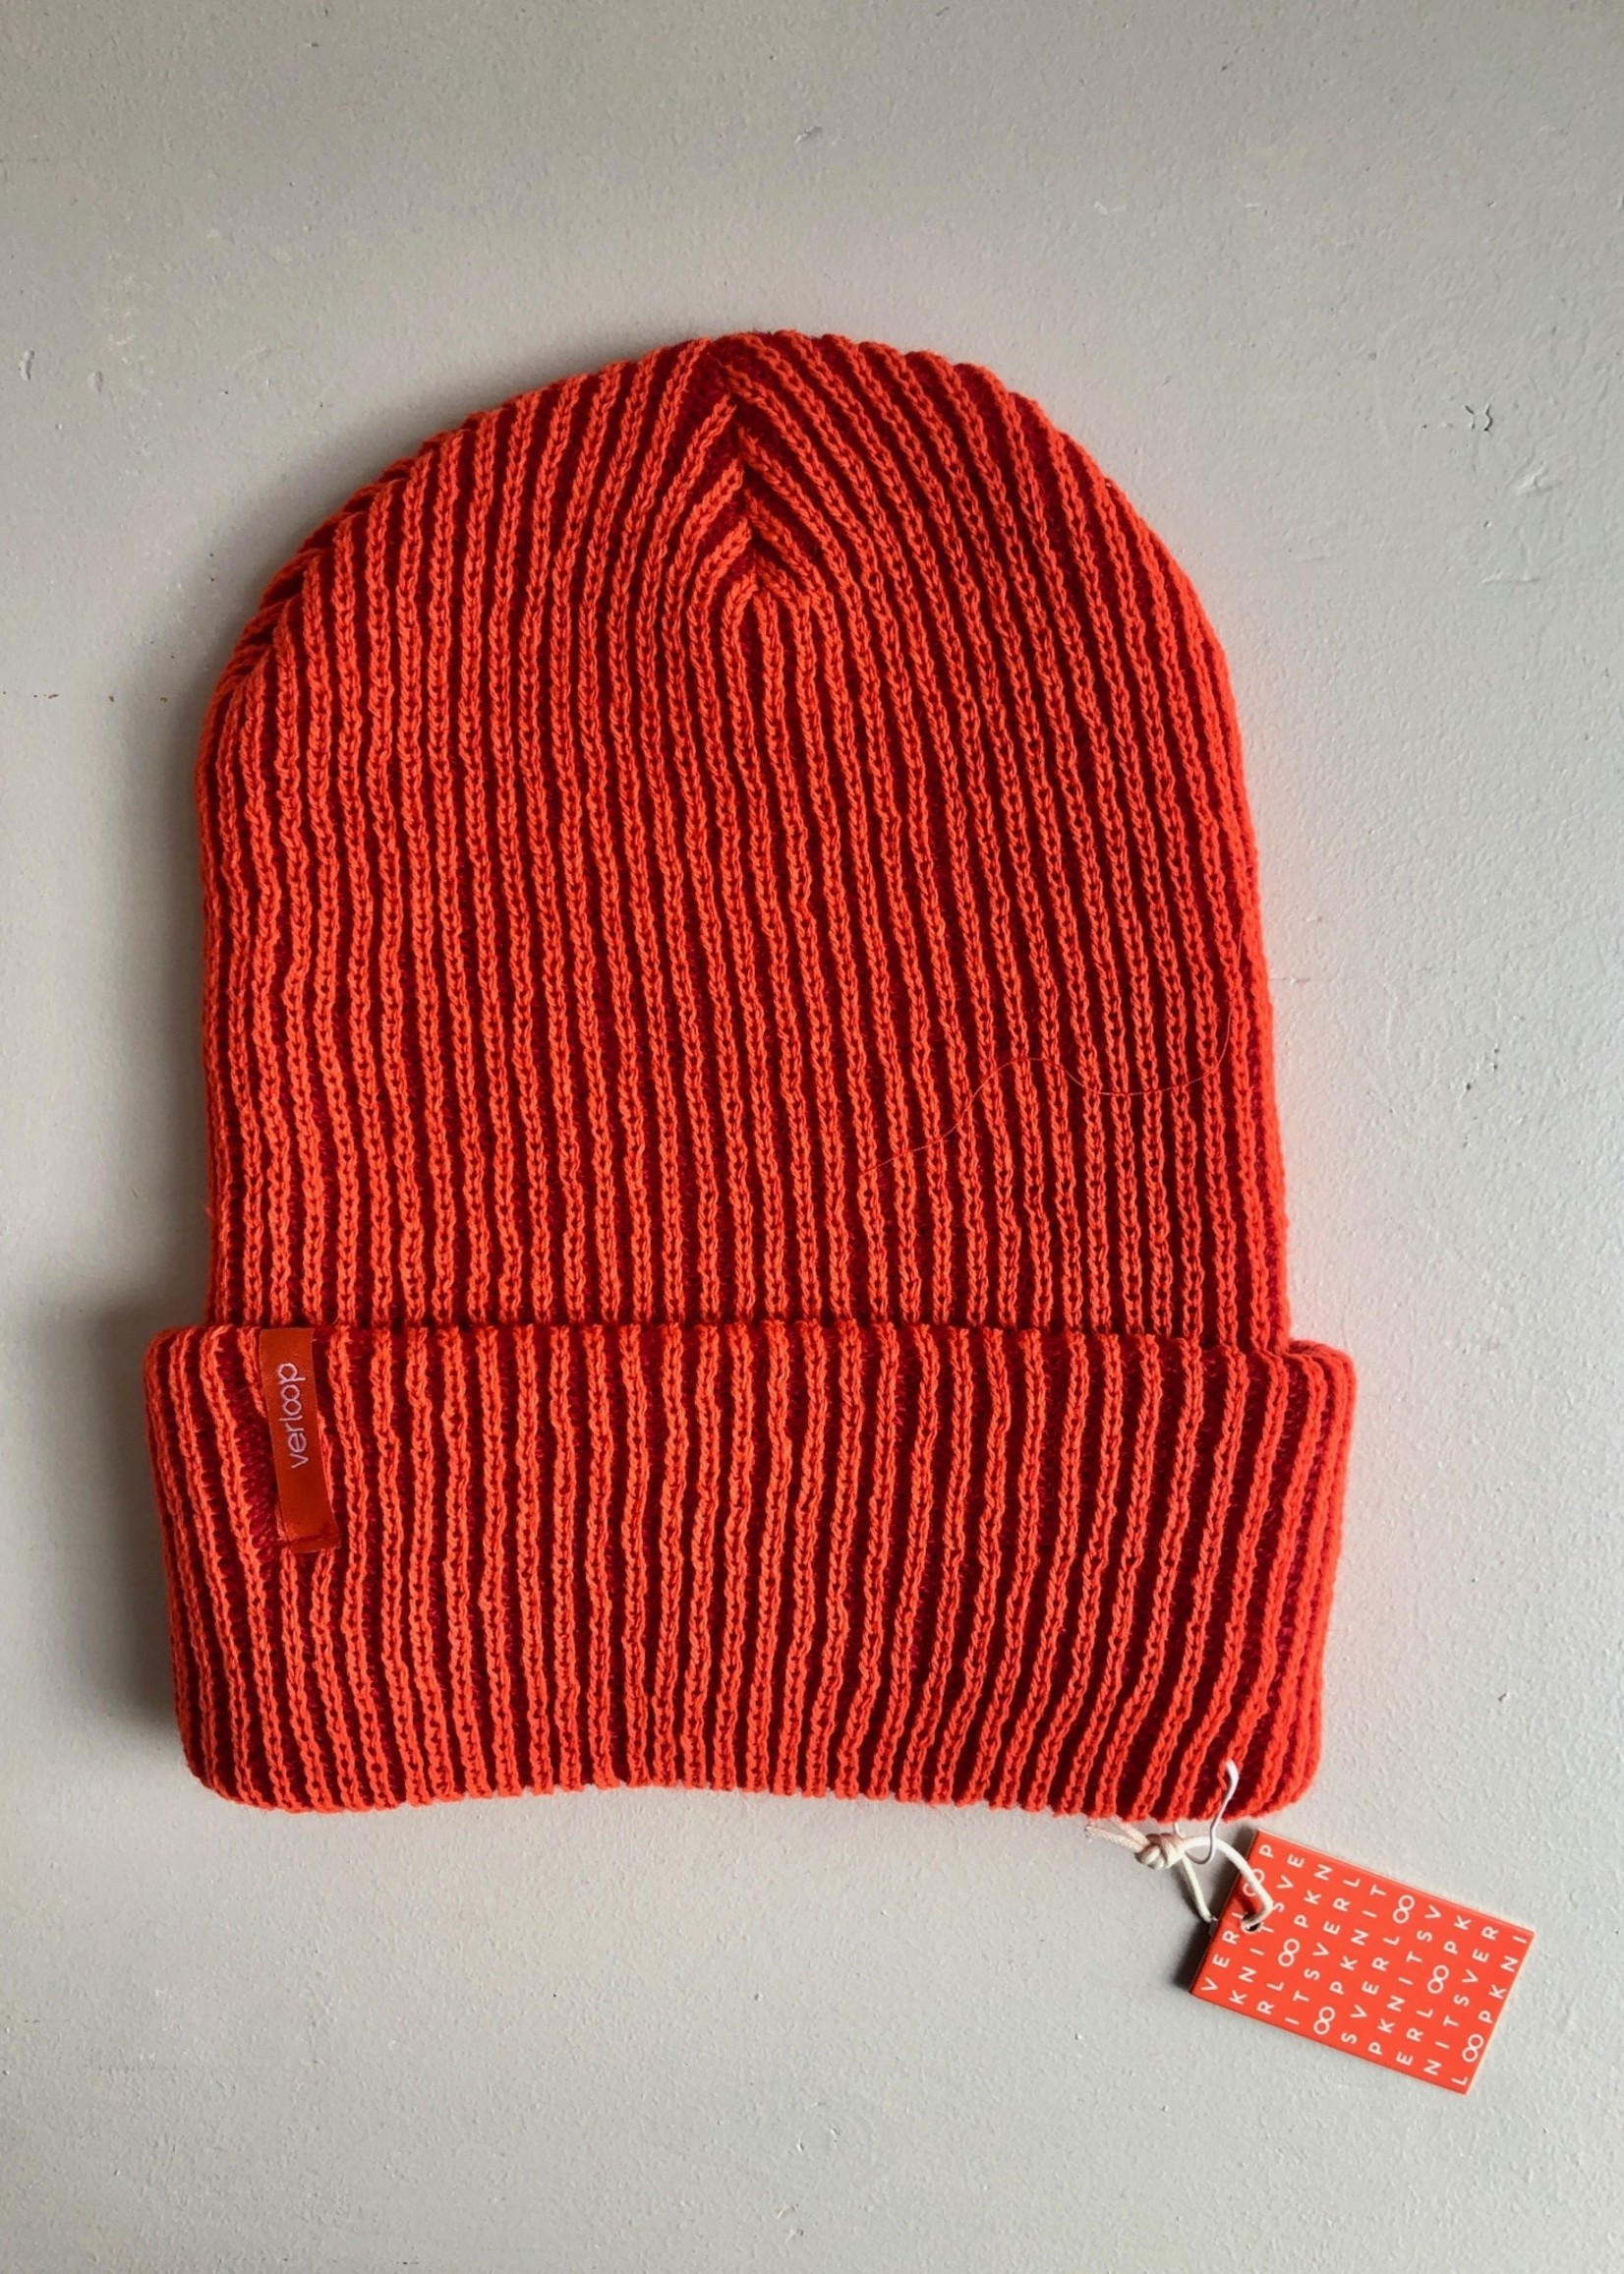 Verloop Verloop Simple Rib Hats